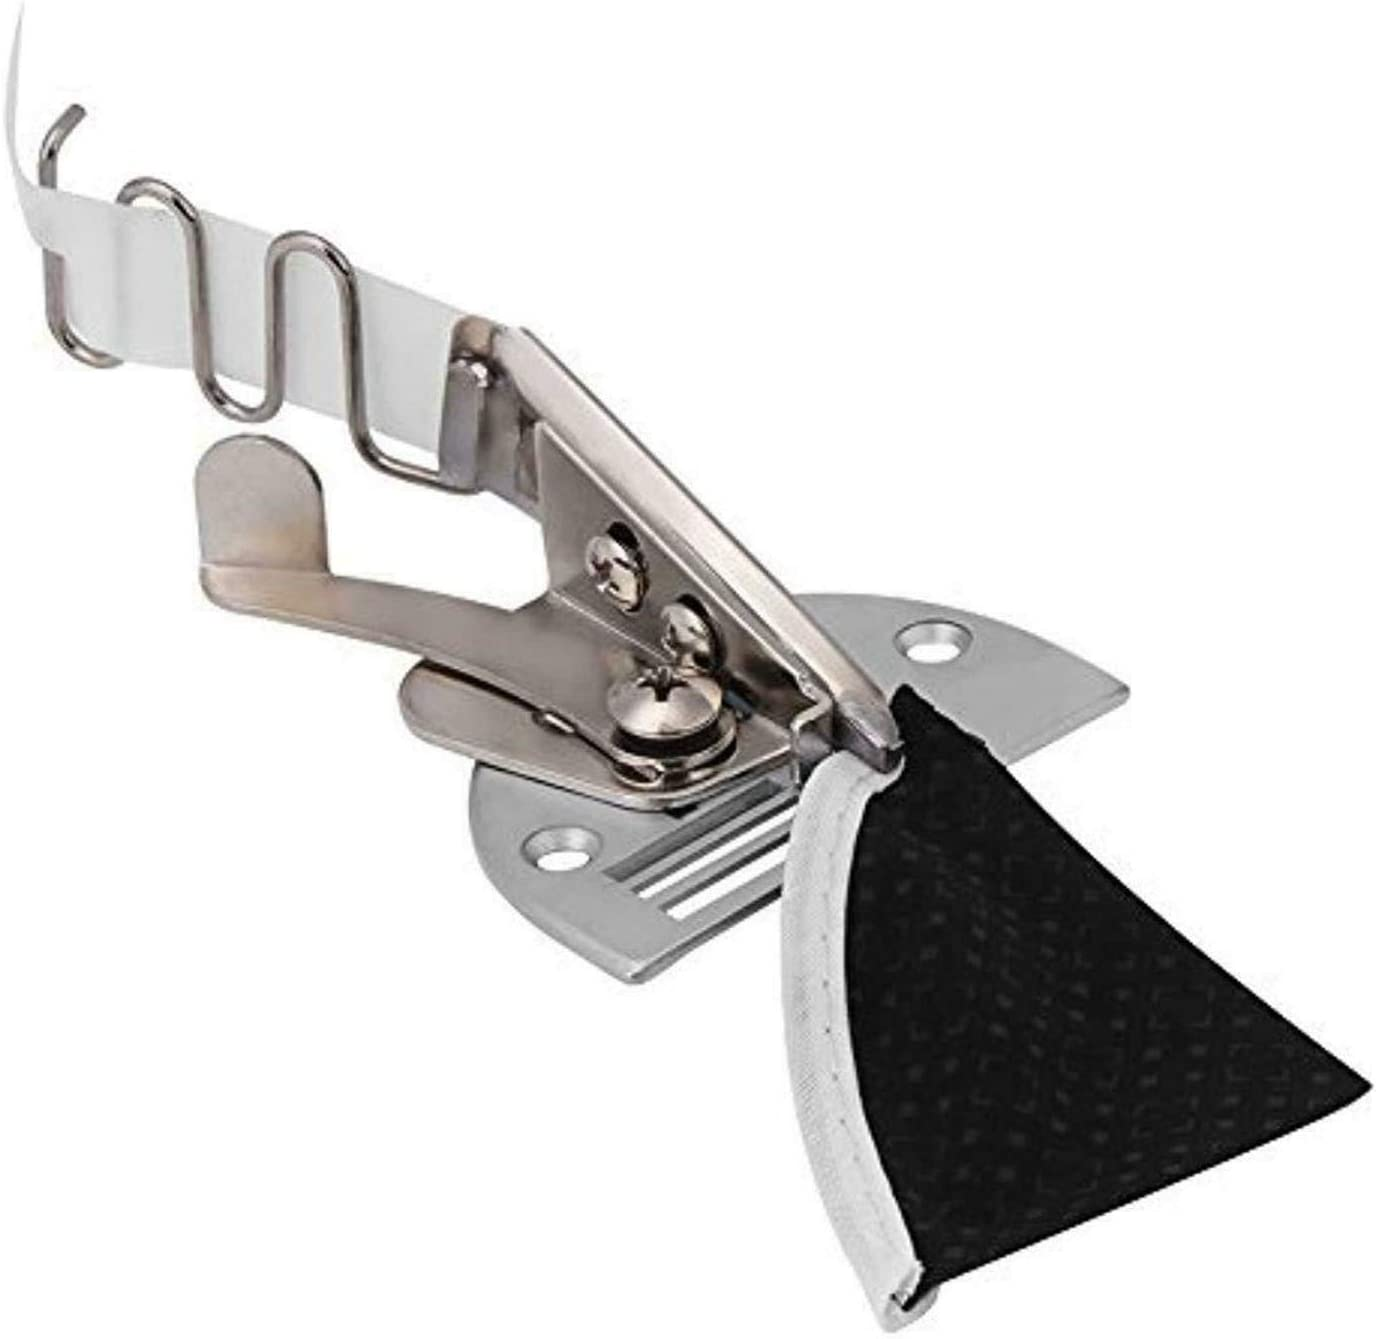 Ettose 2019 máquina de coser industrial ajustable, doble pliegue ángulo encuadernación (30 mm)